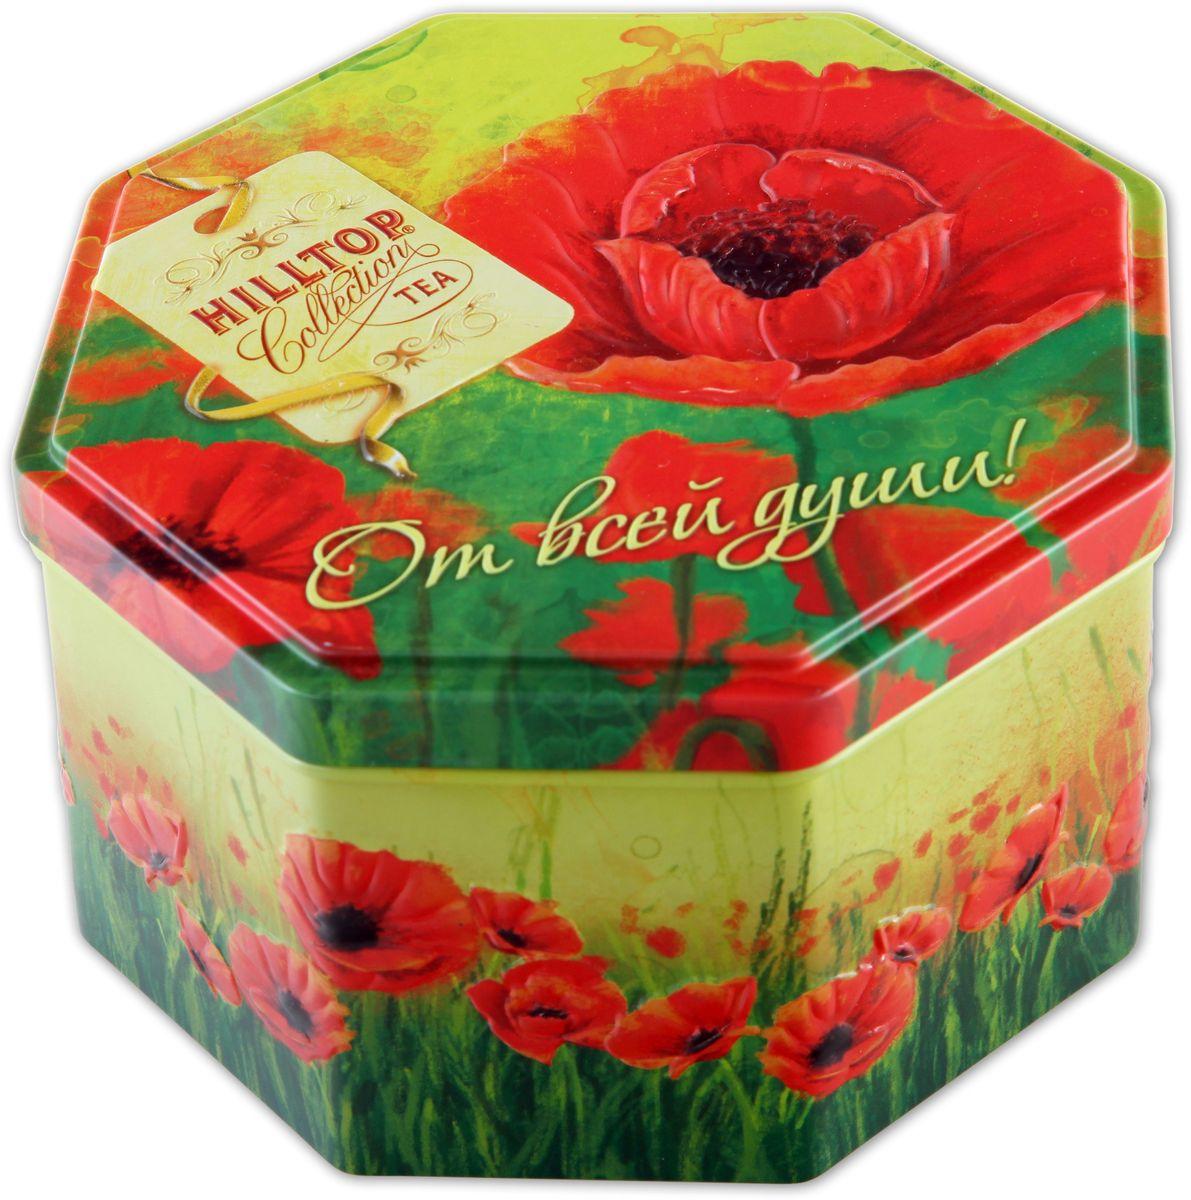 Hilltop Подарок Цейлона. Маков цвет черный листовой чай, 150 г4607099303171Hilltop Подарок Цейлона Маков цвет - крупнолистовой цейлонский черный чай с глубоким, насыщенным вкусом и изумительным ароматом.